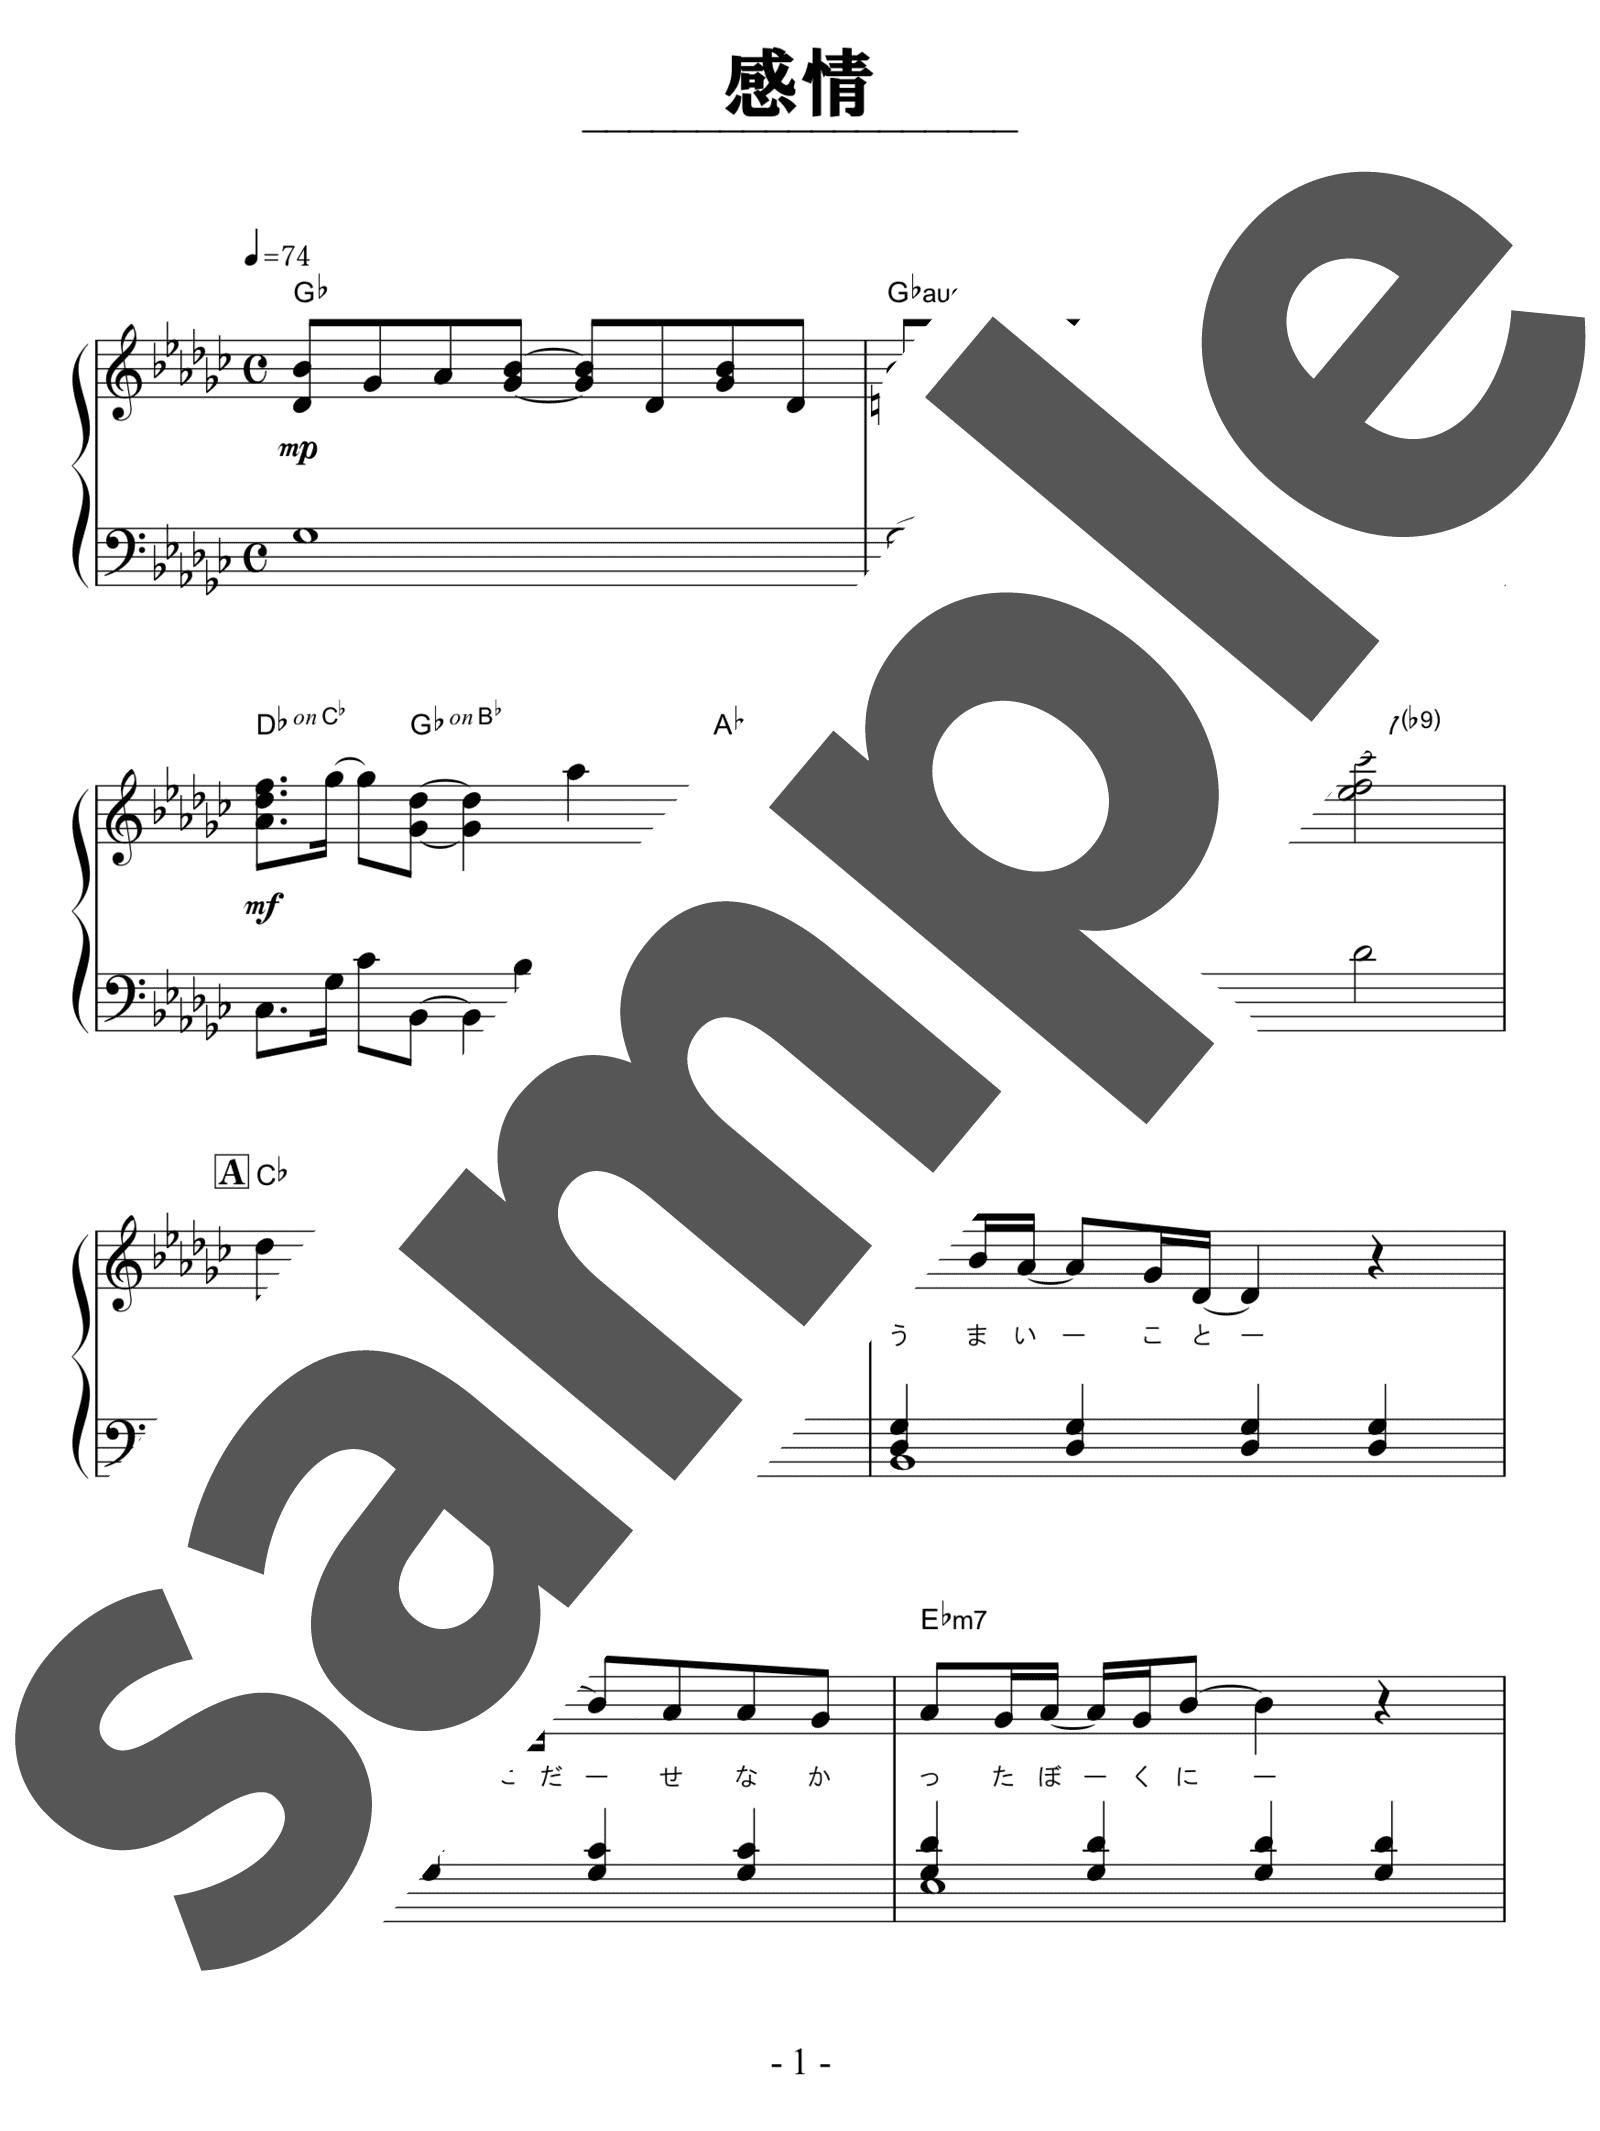 「感情」のサンプル楽譜